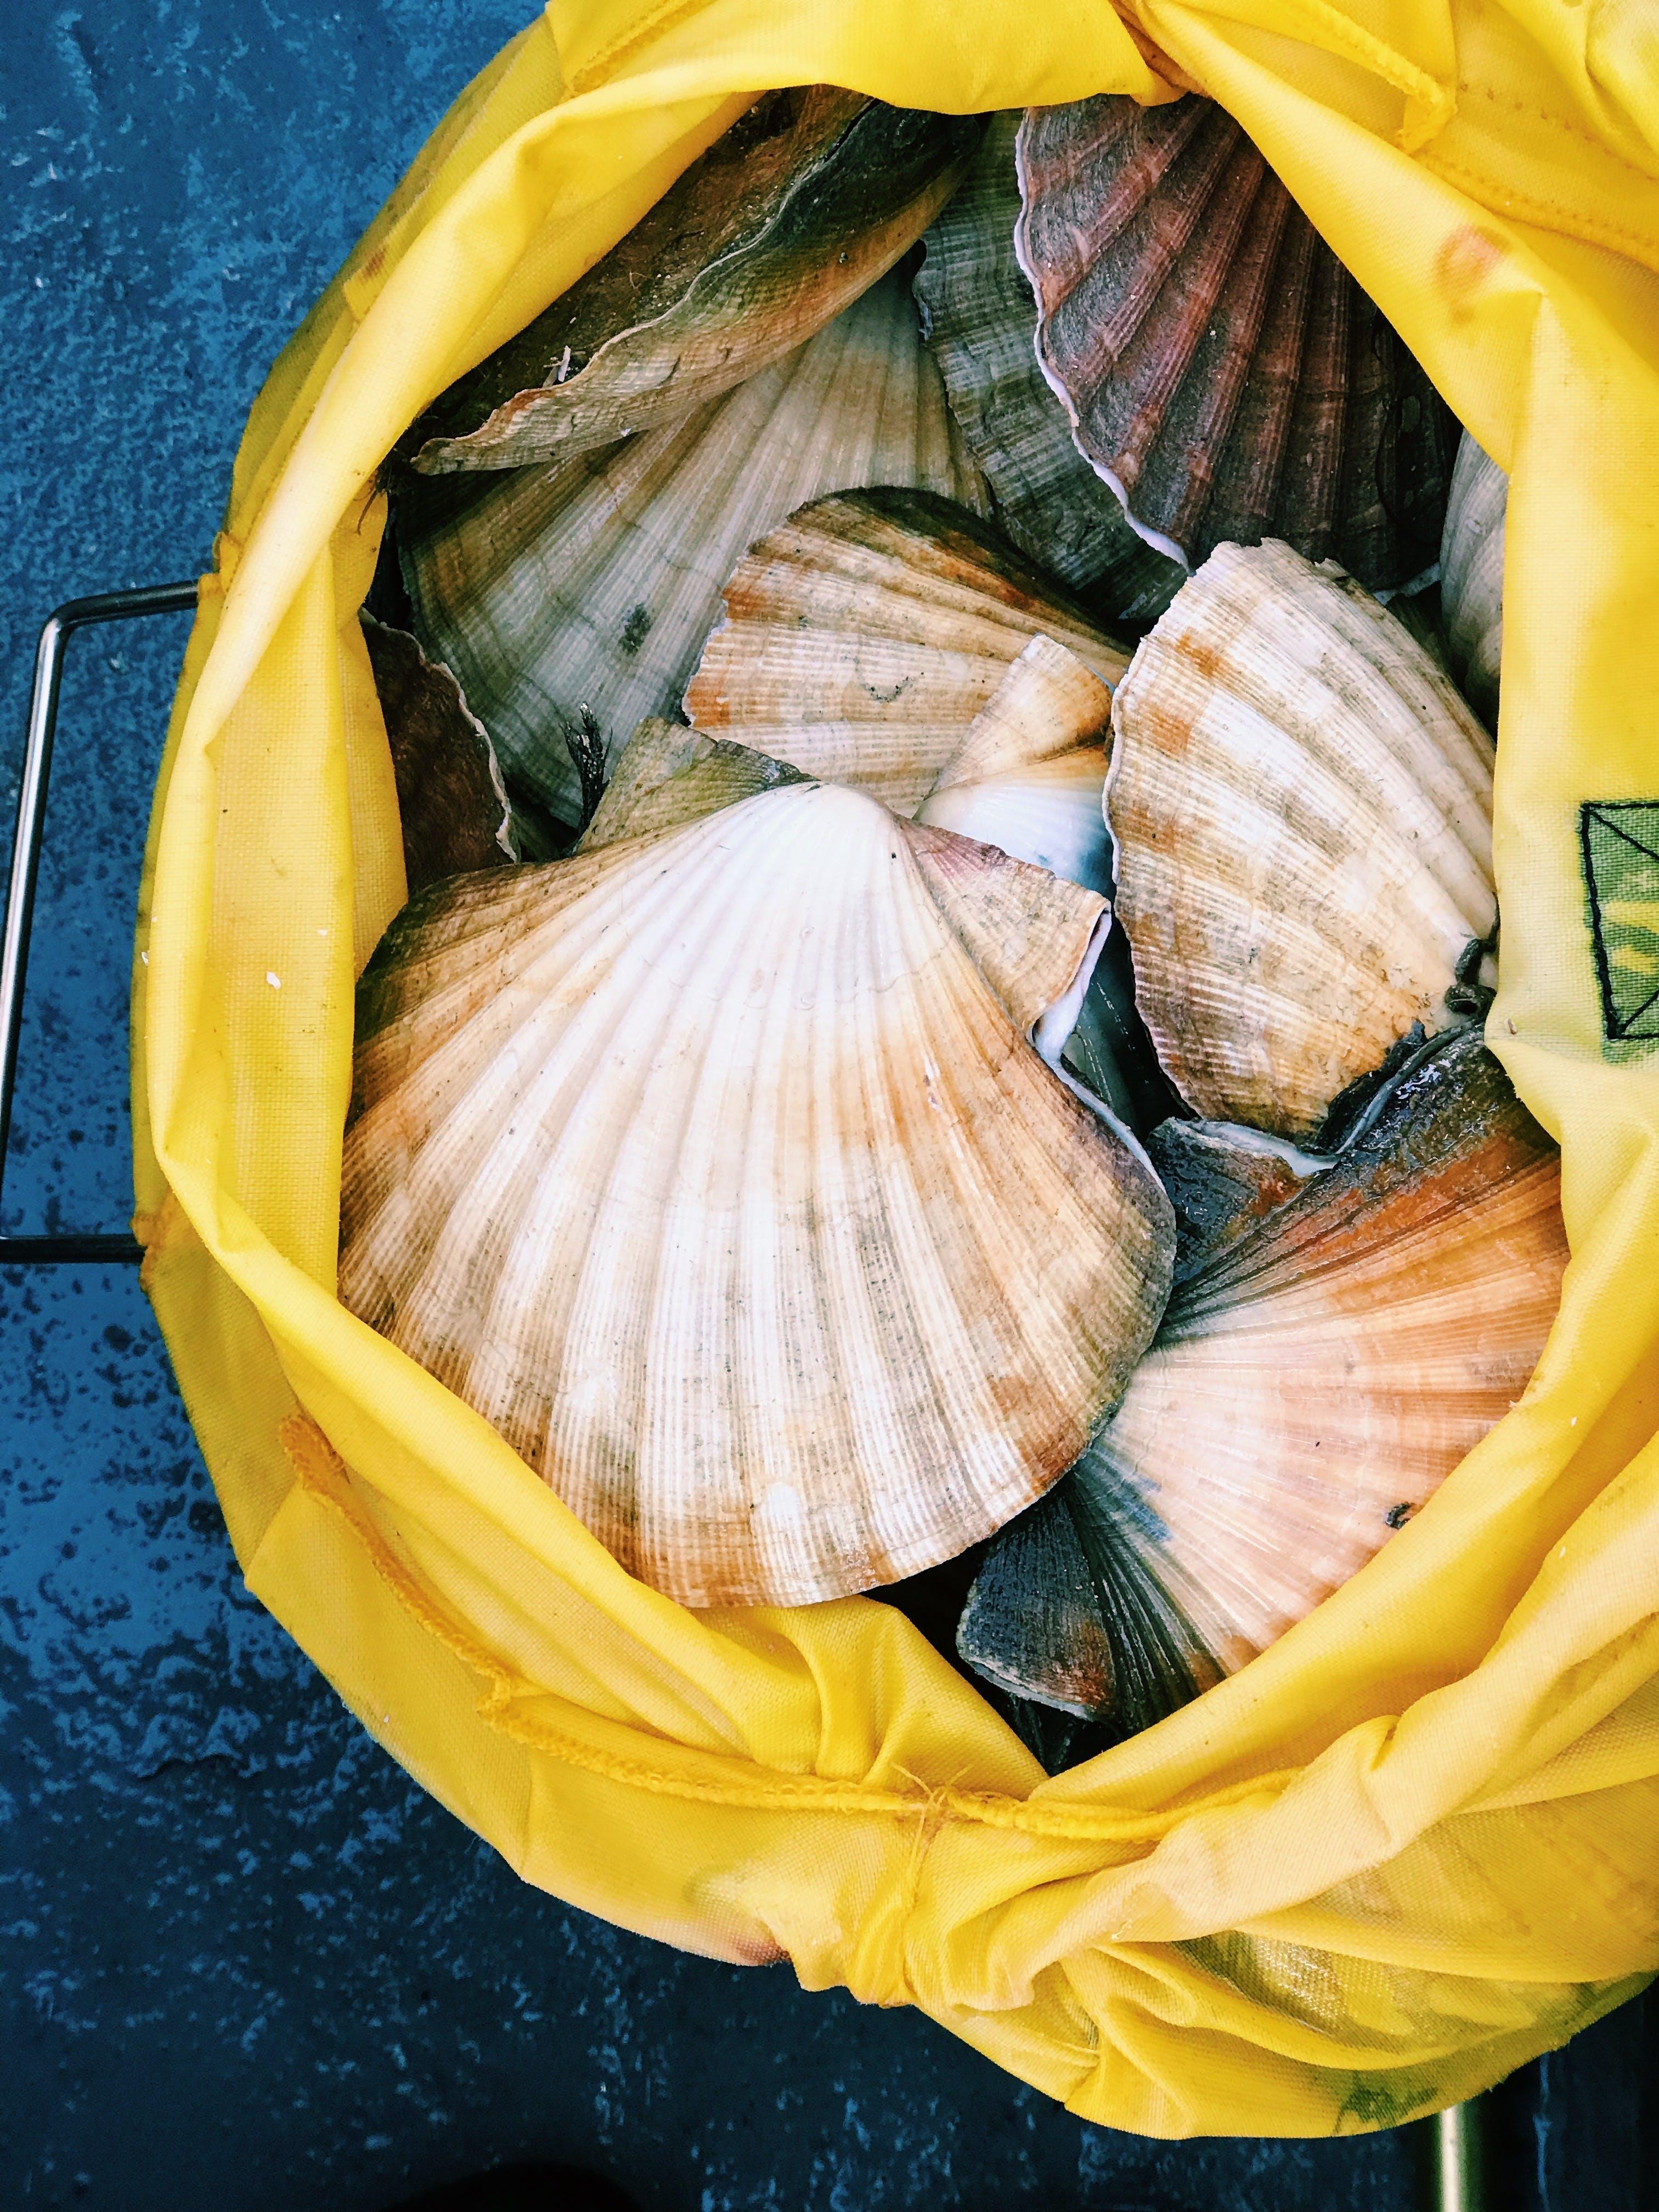 Kostenloses Stock Foto zu jakobsmuschel, meeresfrüchte, muscheln, schaltier